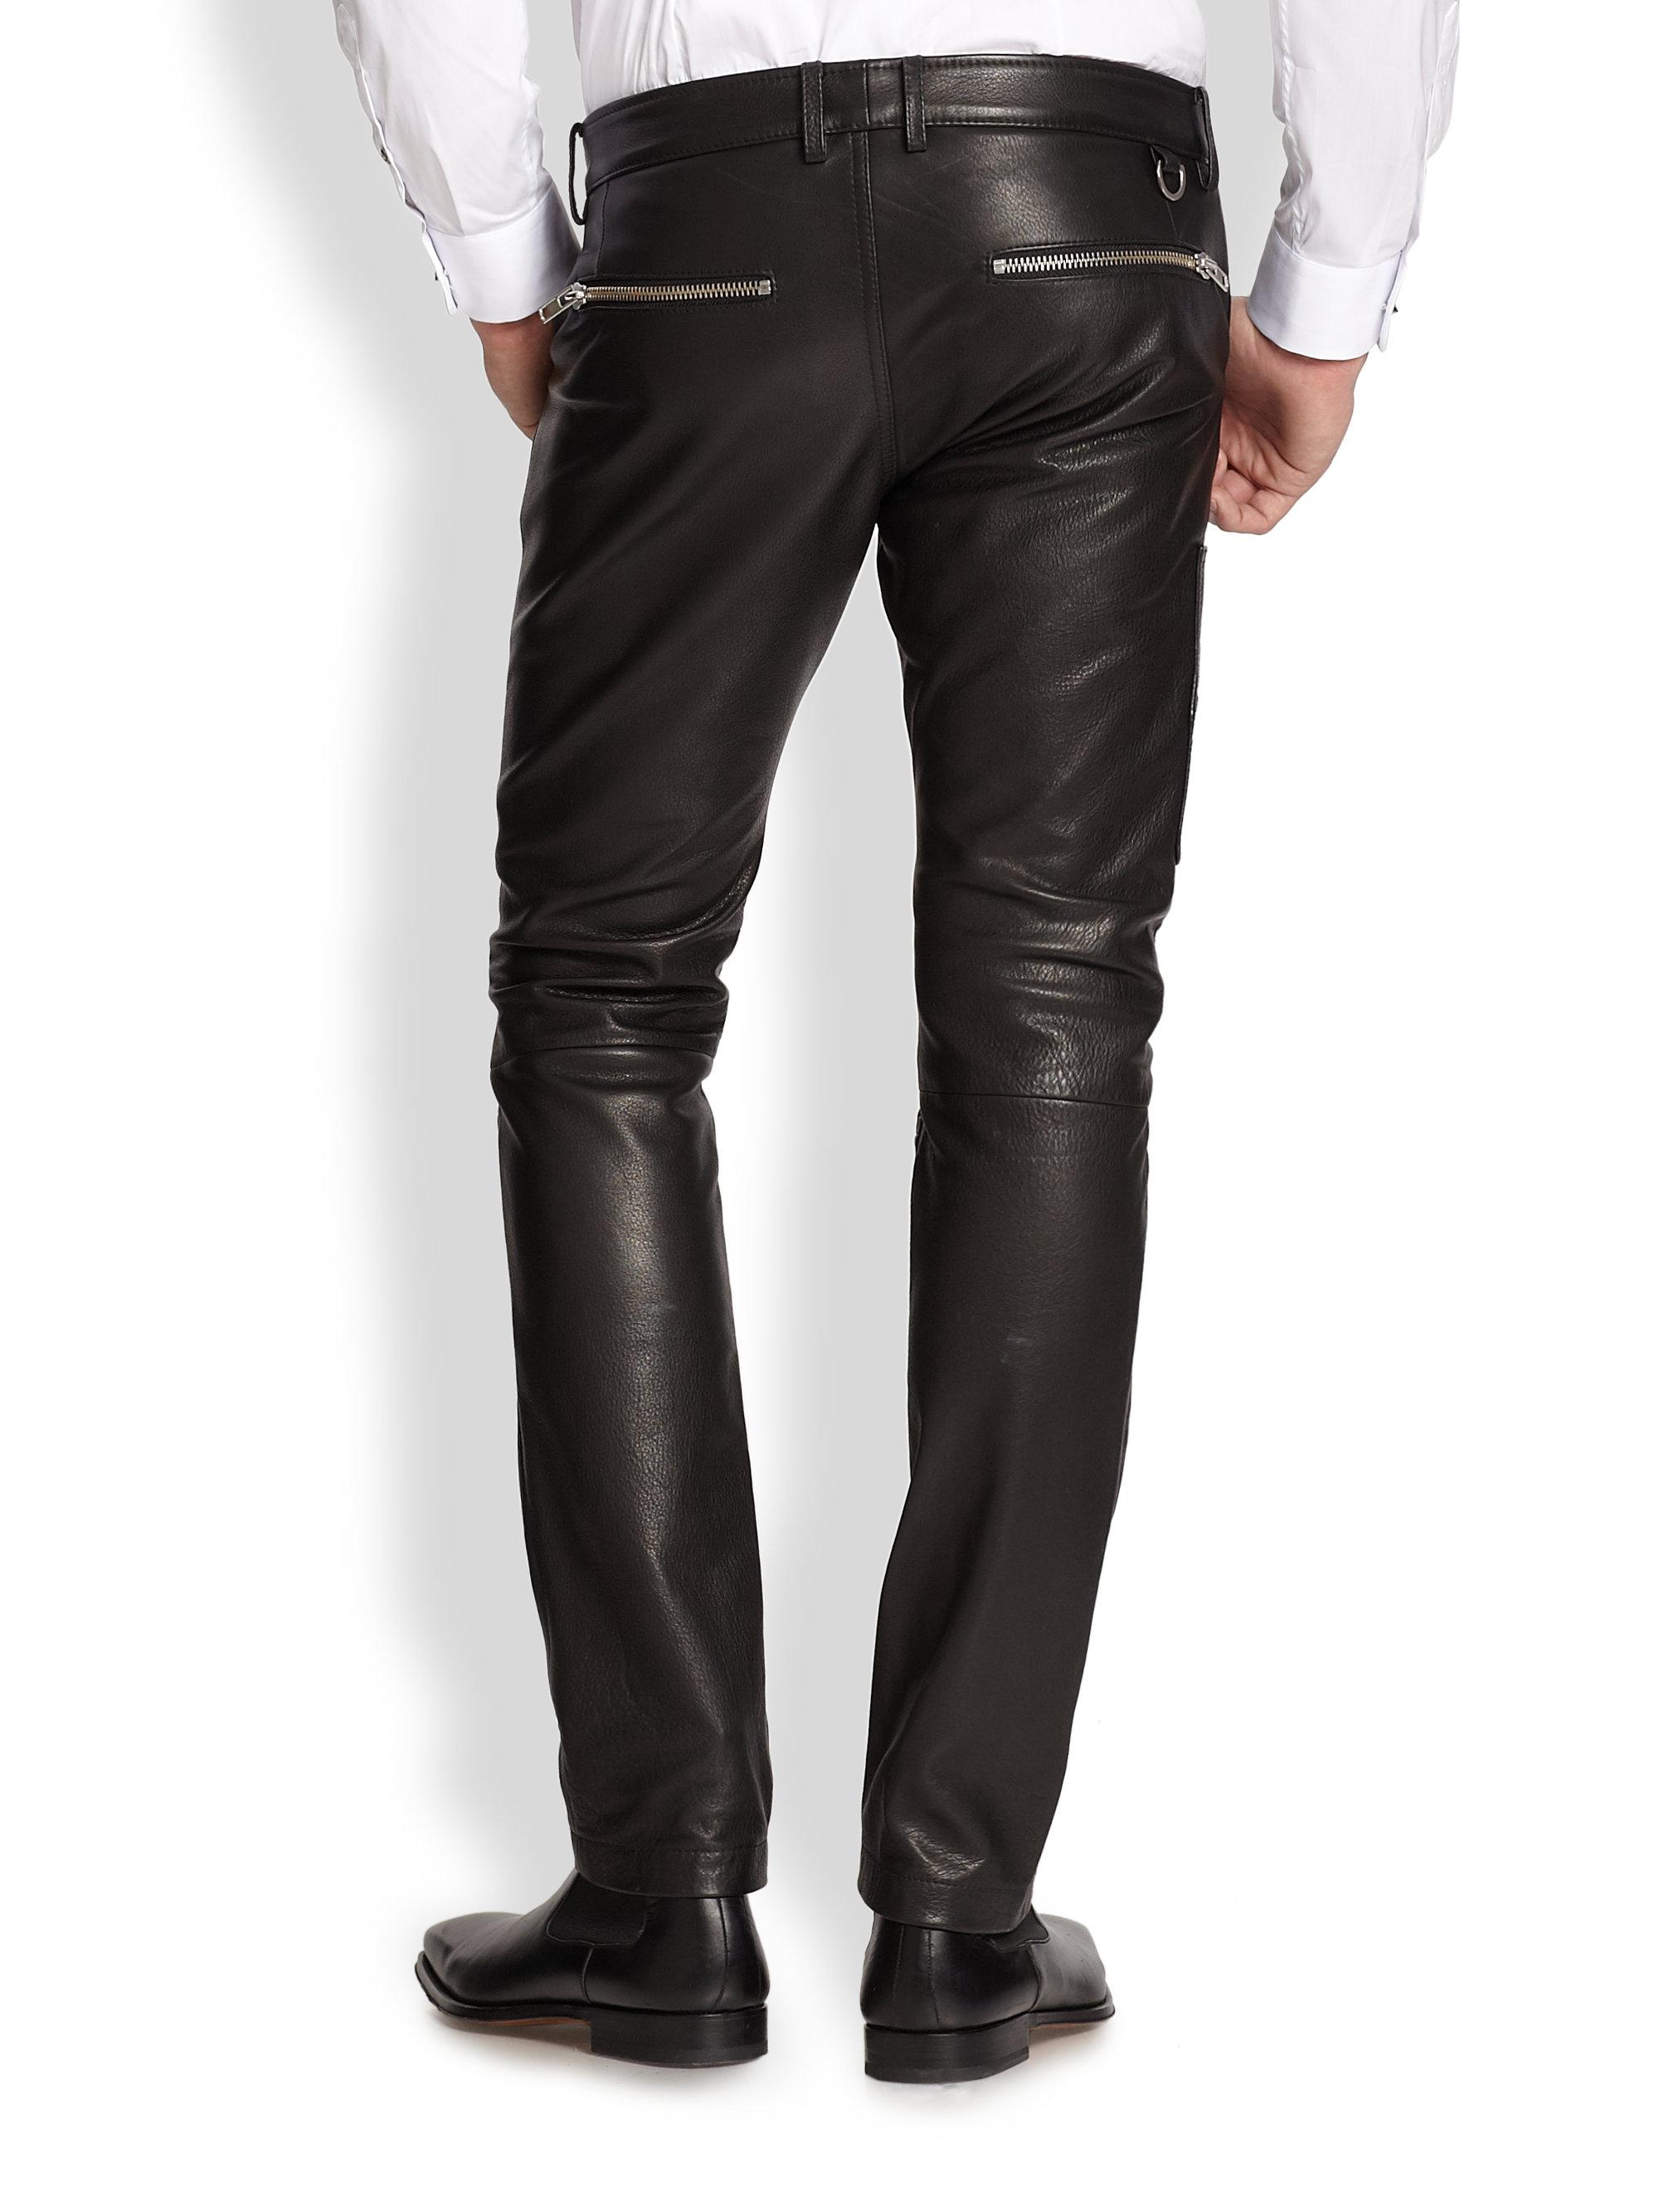 Lyst - Diesel Zip-Pocket Leather Pants in Black for Men